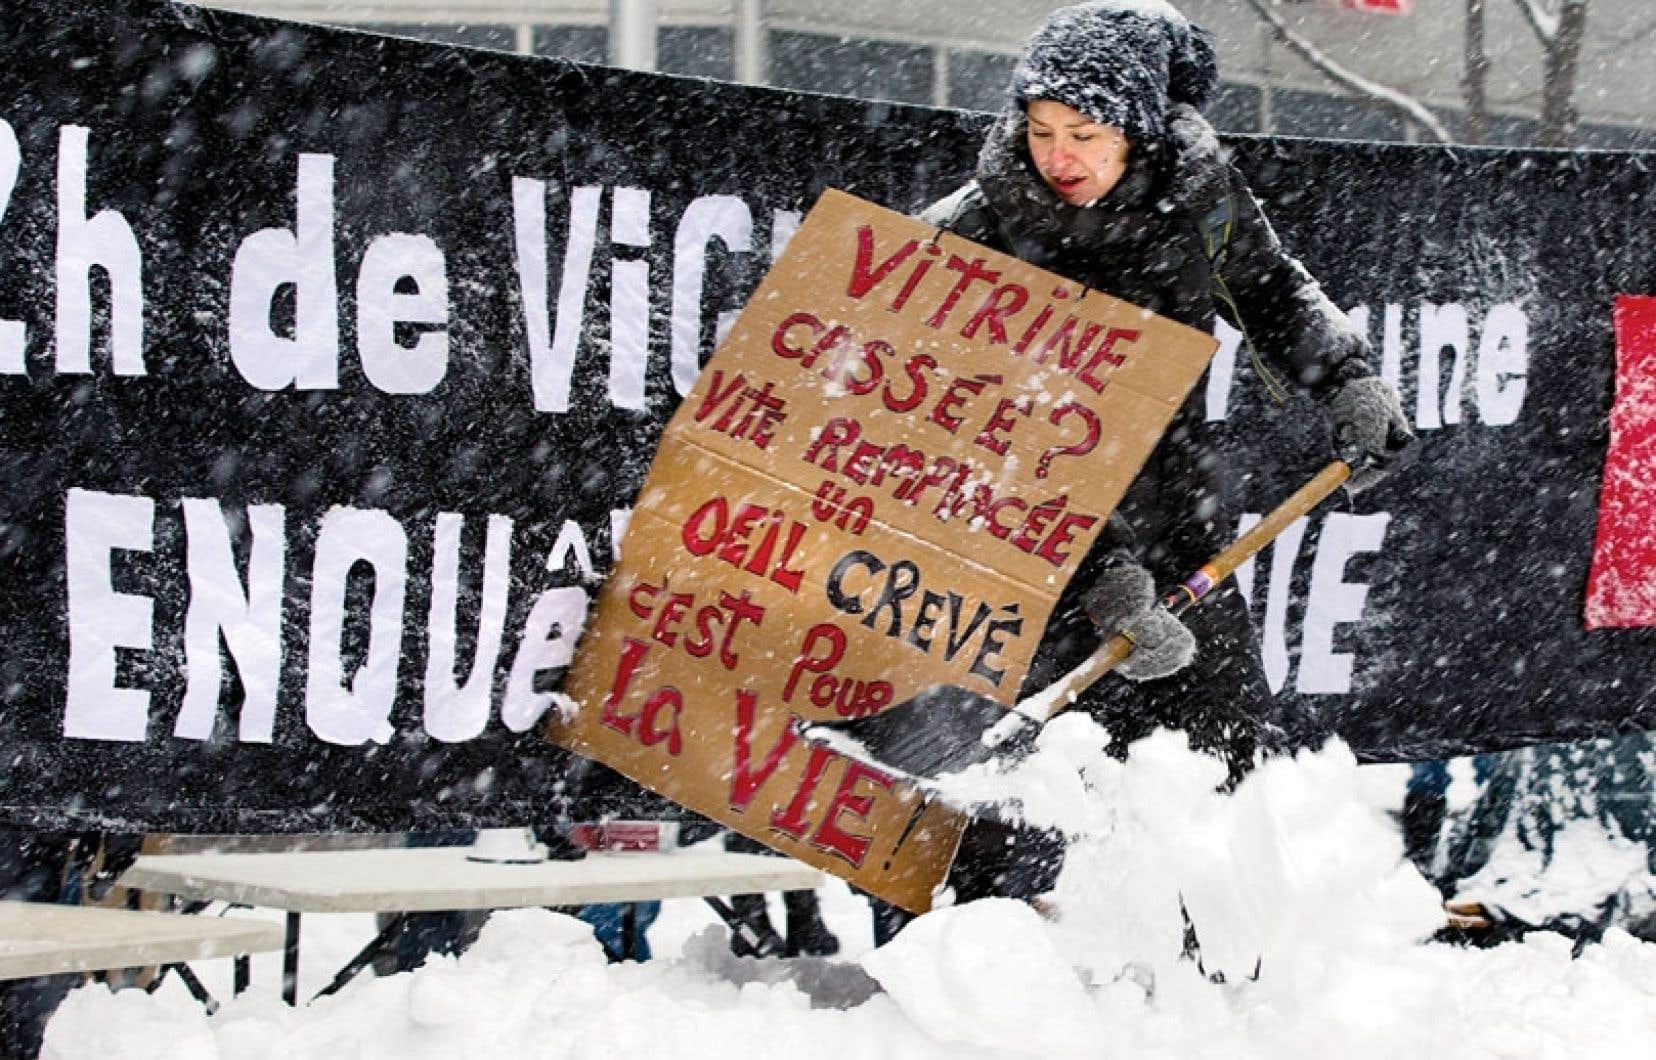 Les organismes réclamant une enquête ont organisé mardi une vigile de douze heures devant les bureaux montréalais de la première ministre Pauline Marois.